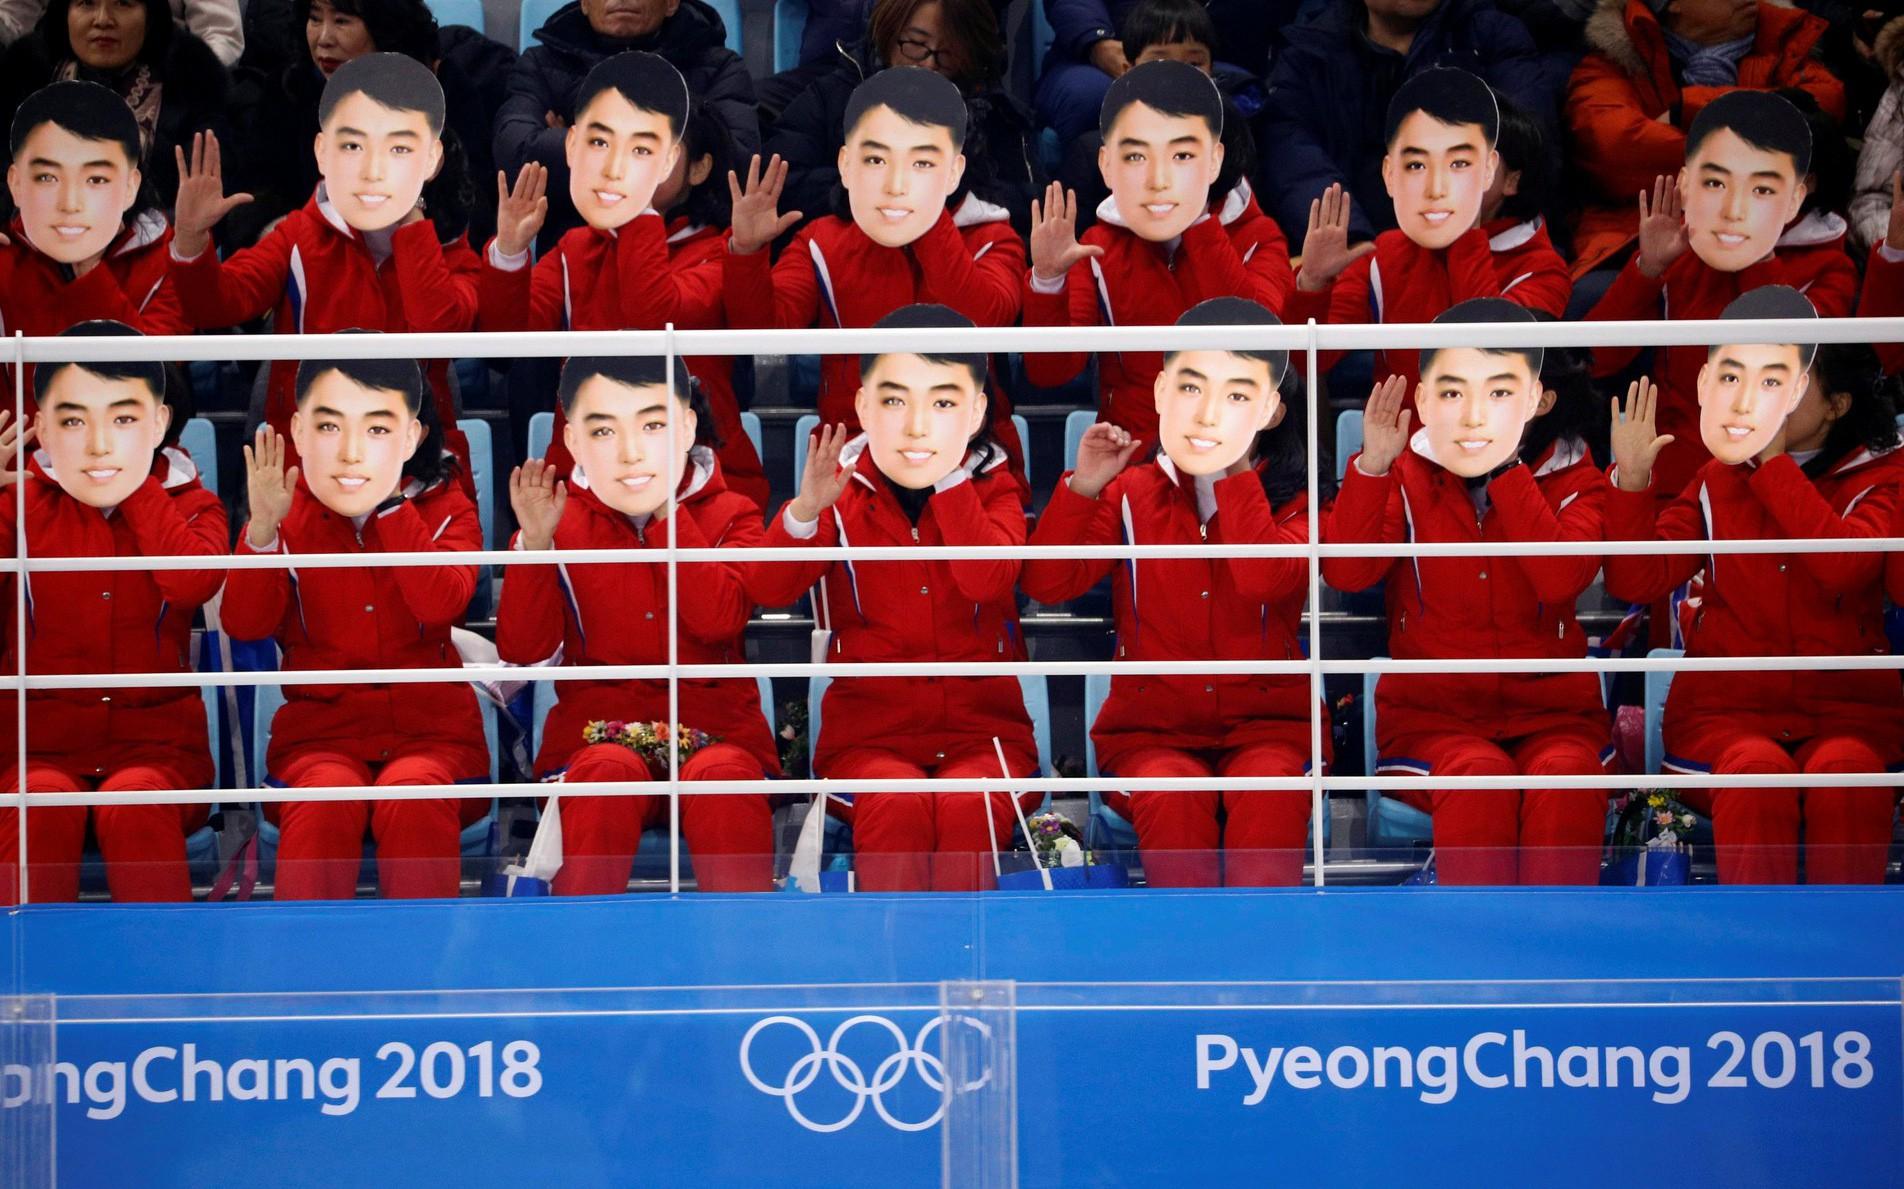 Thế giới trong tuần qua ảnh: Triều Tiên cử vận động viên tham dự Olympic ở Hàn Quốc